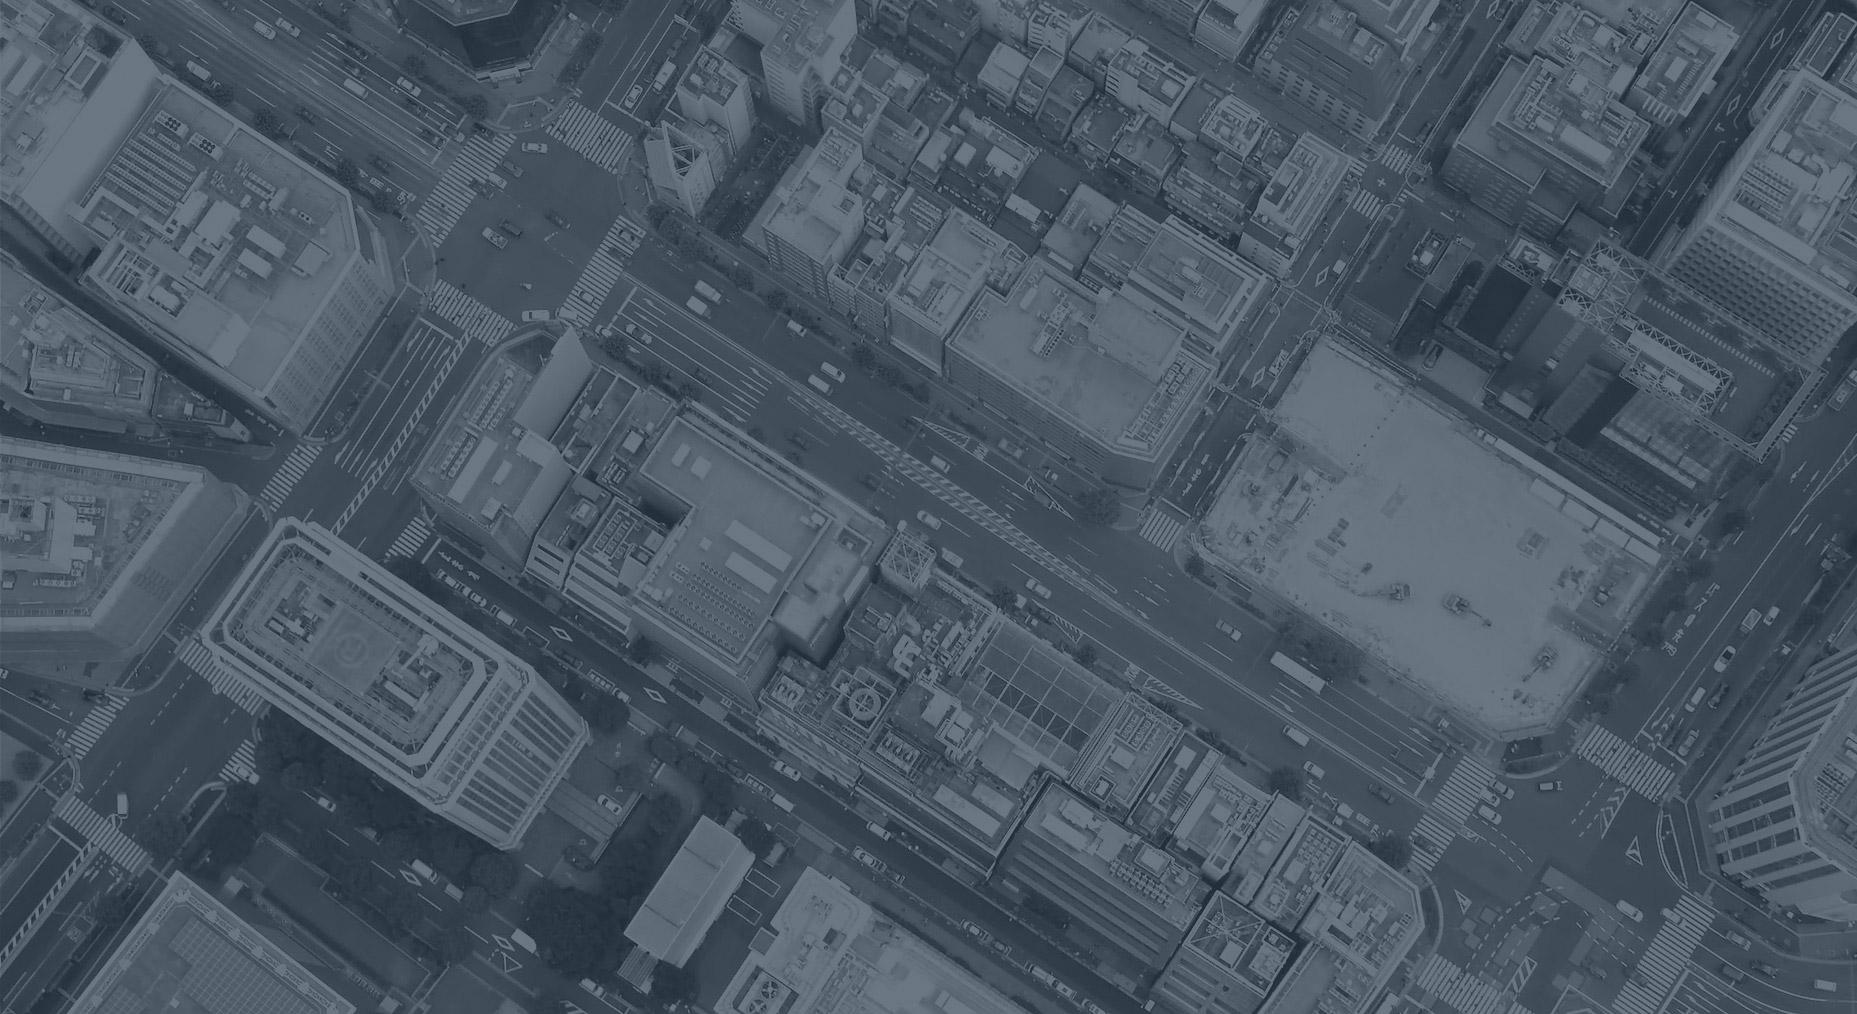 「ビッグデータ×AI」で、過去・現在・未来の適正価格、資産価値、居住者の口コミがわかる日本唯一のマンション情報サイト